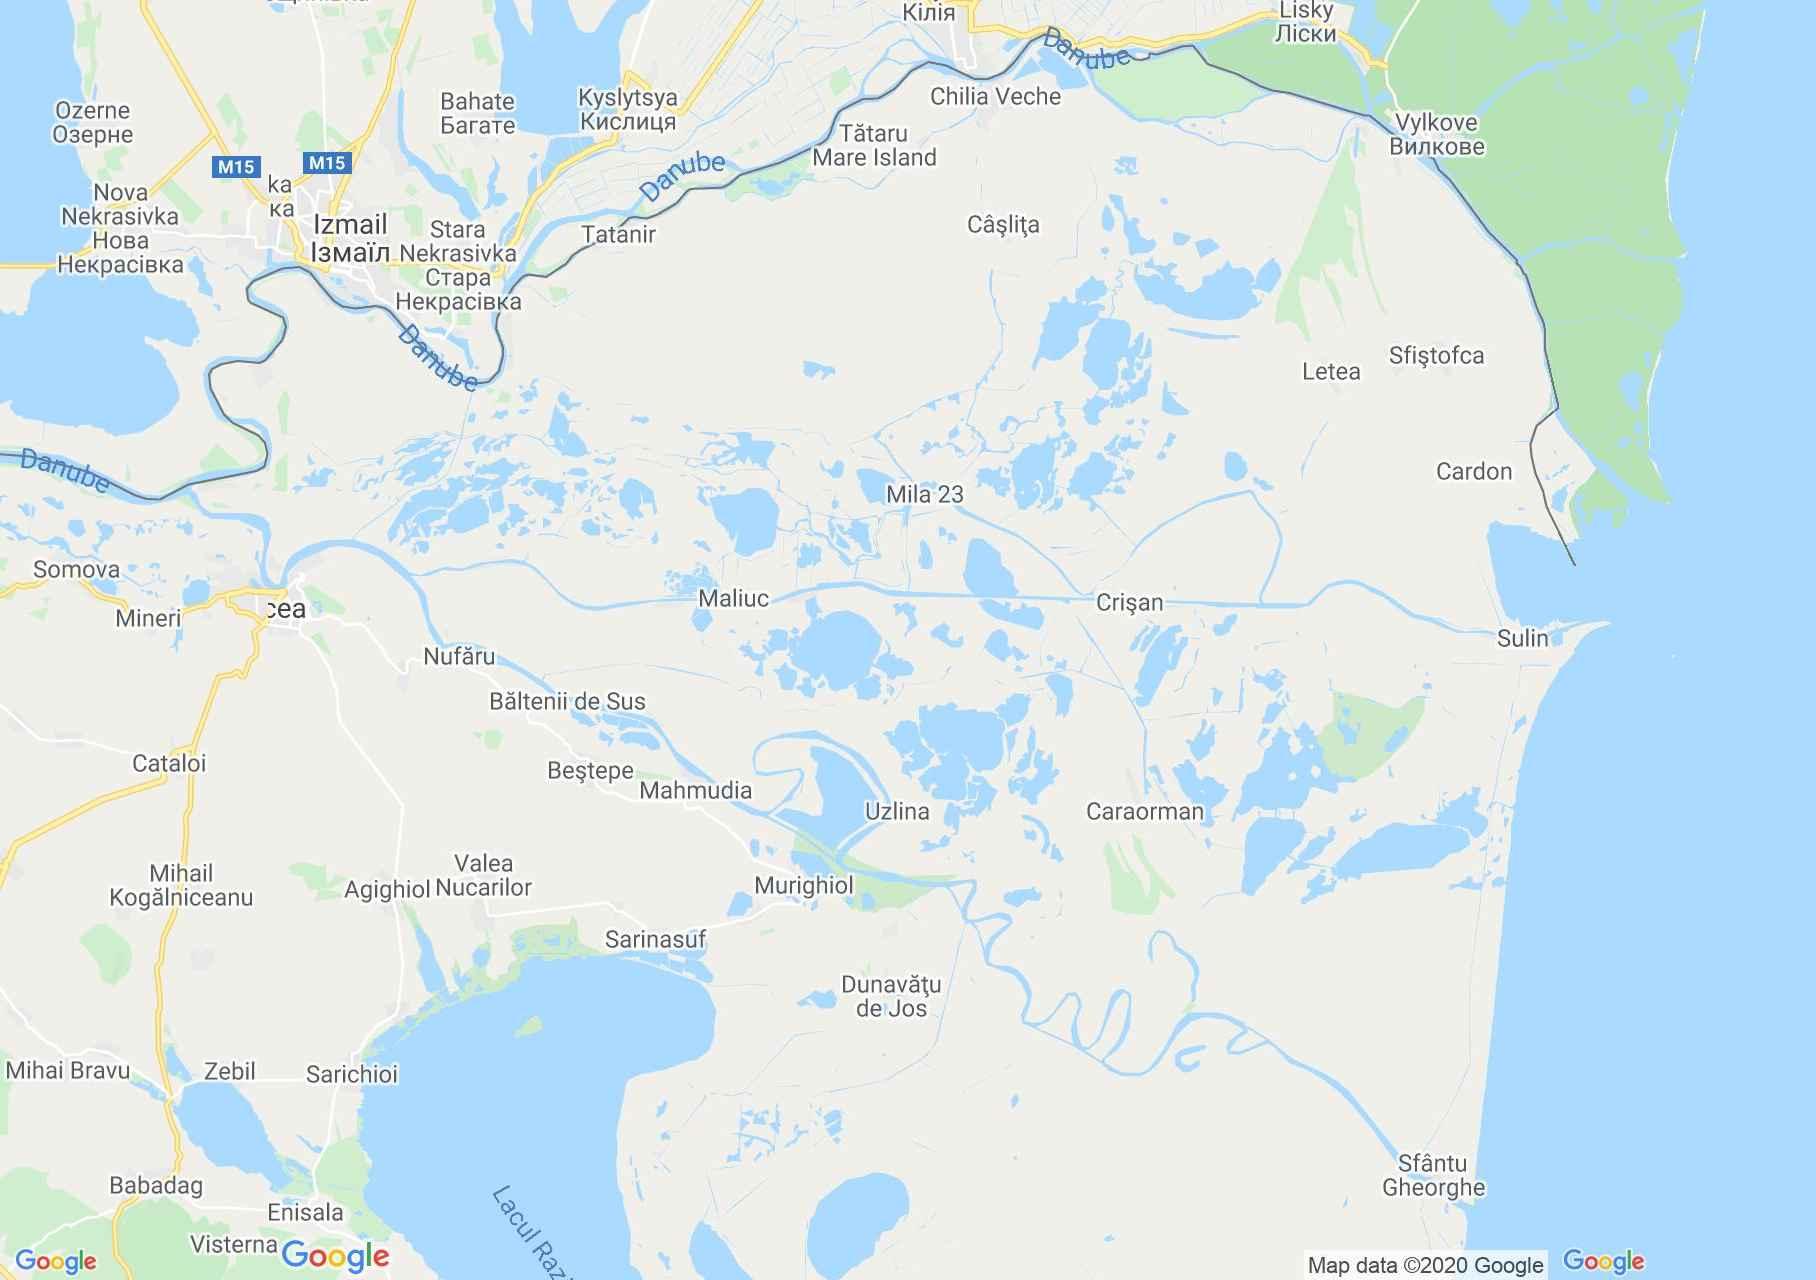 Danube Delta, Interactive tourist map